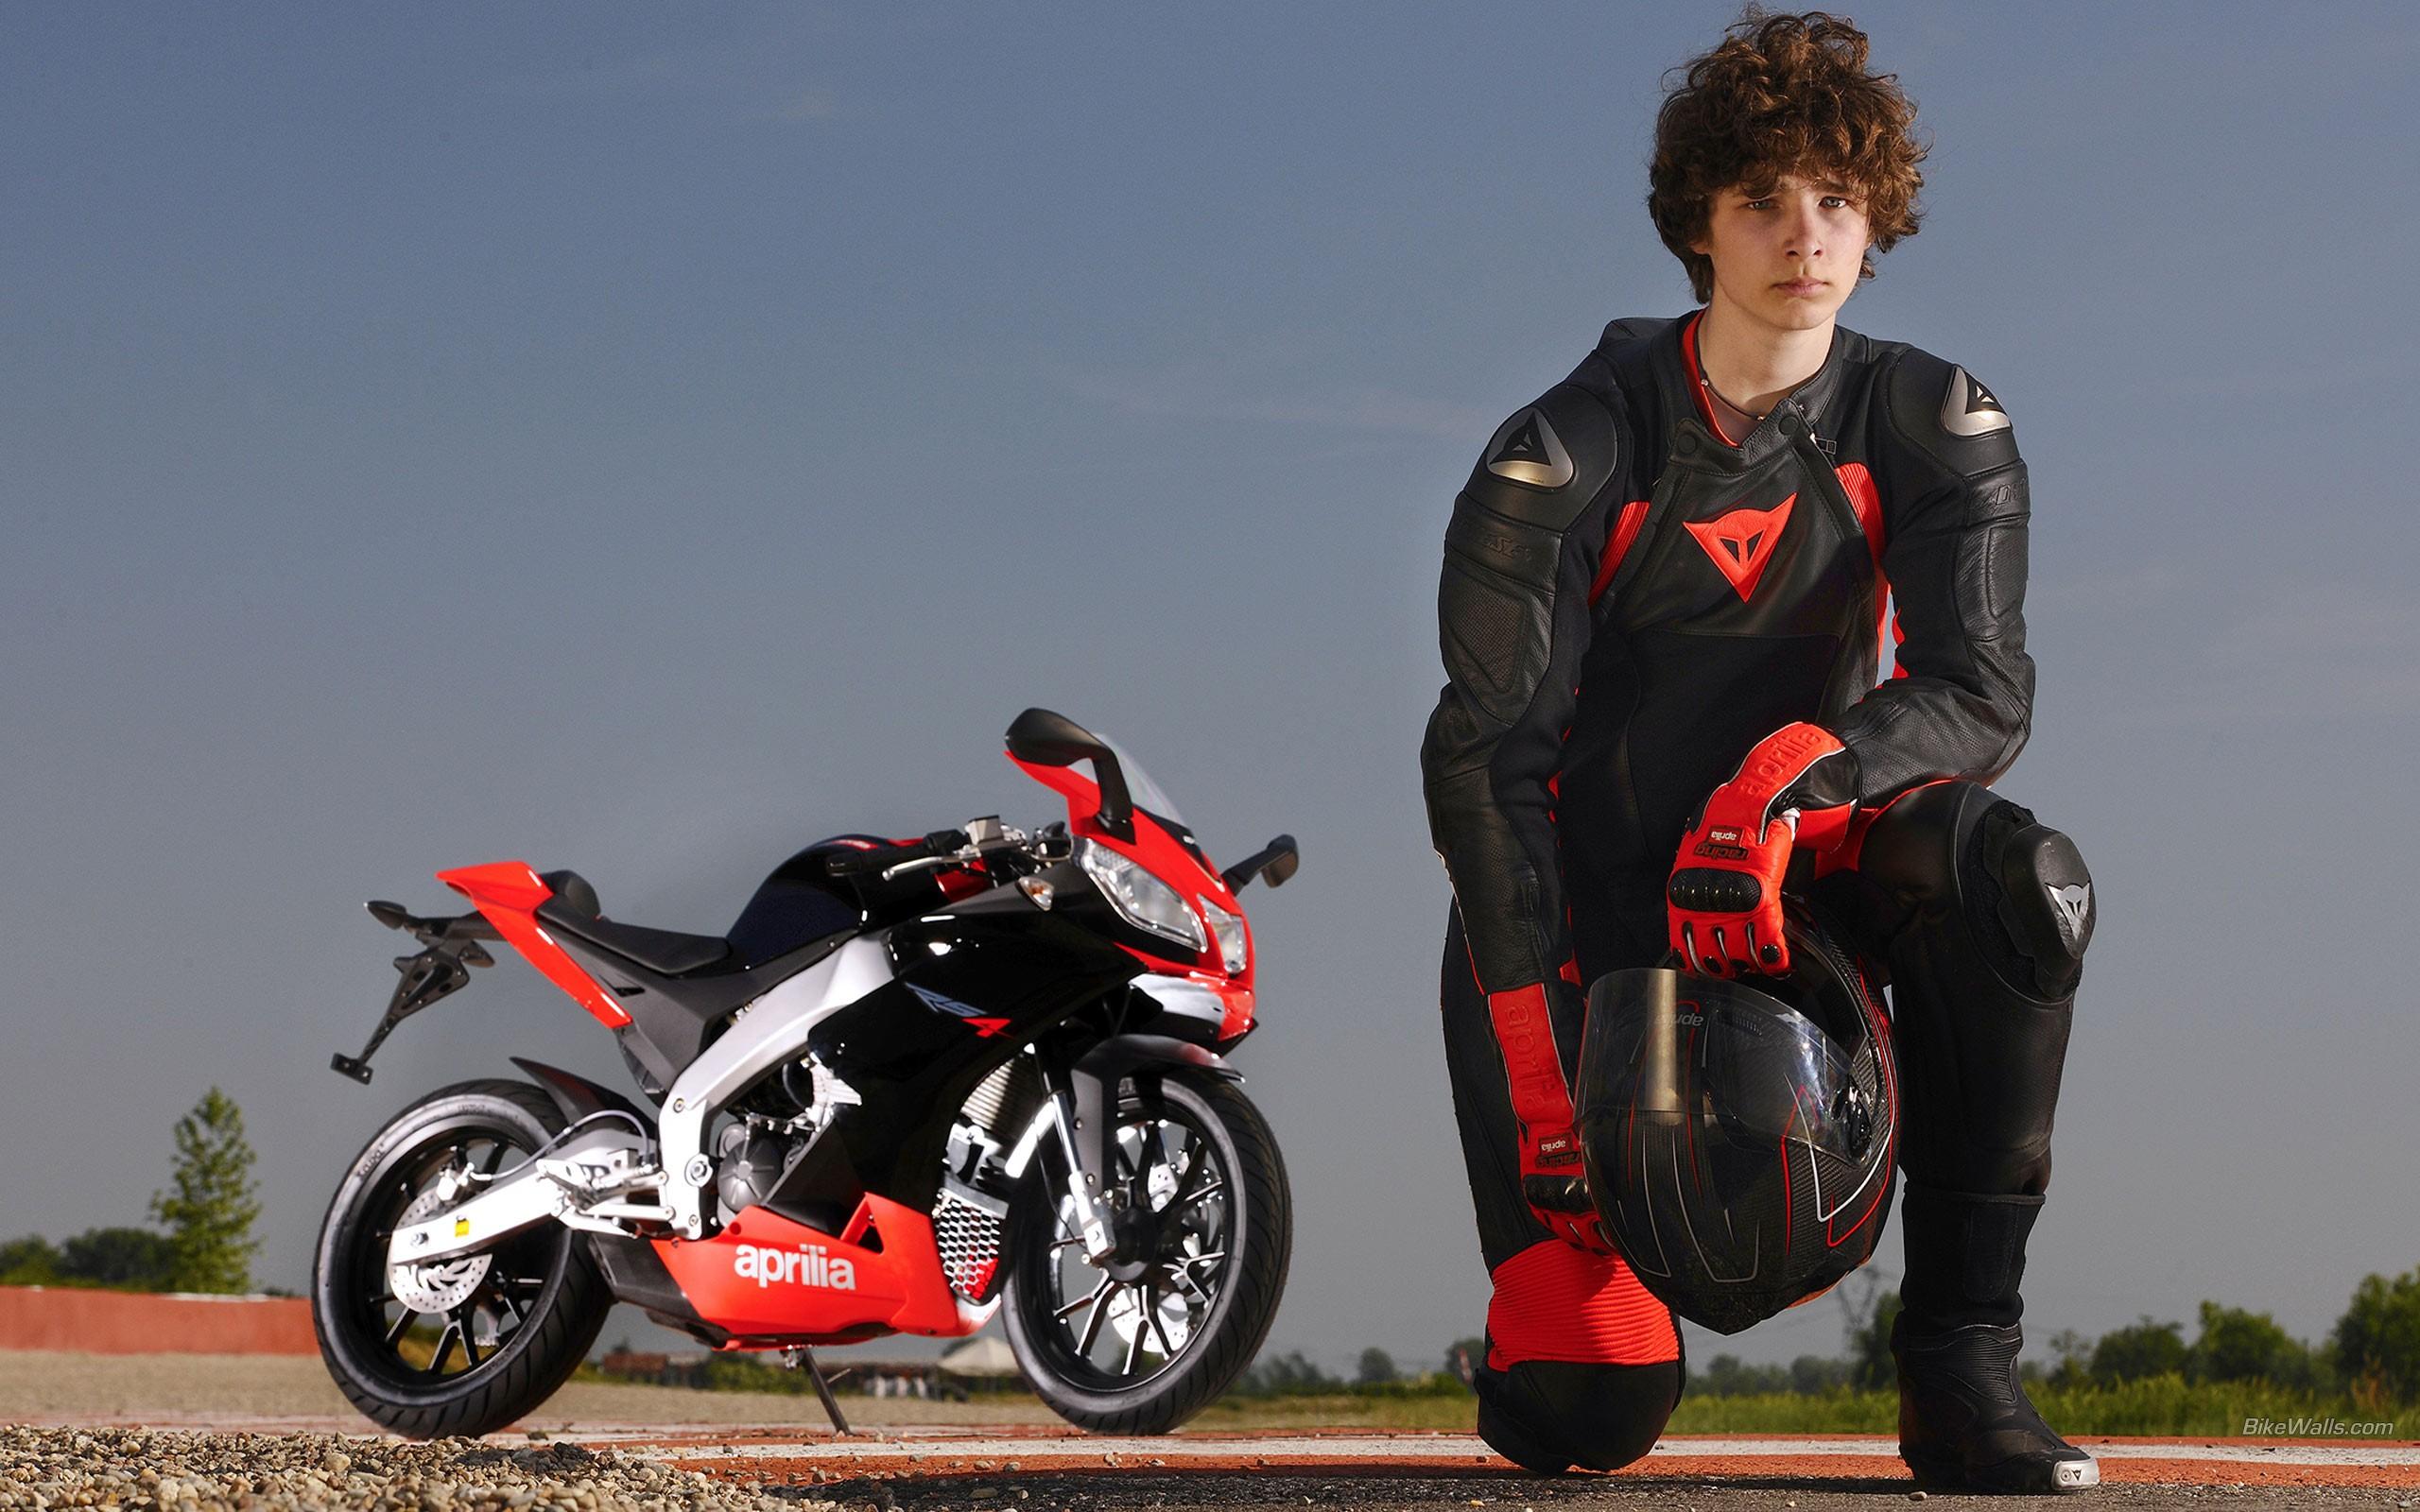 Un motociclista y Aprilia - 2560x1600